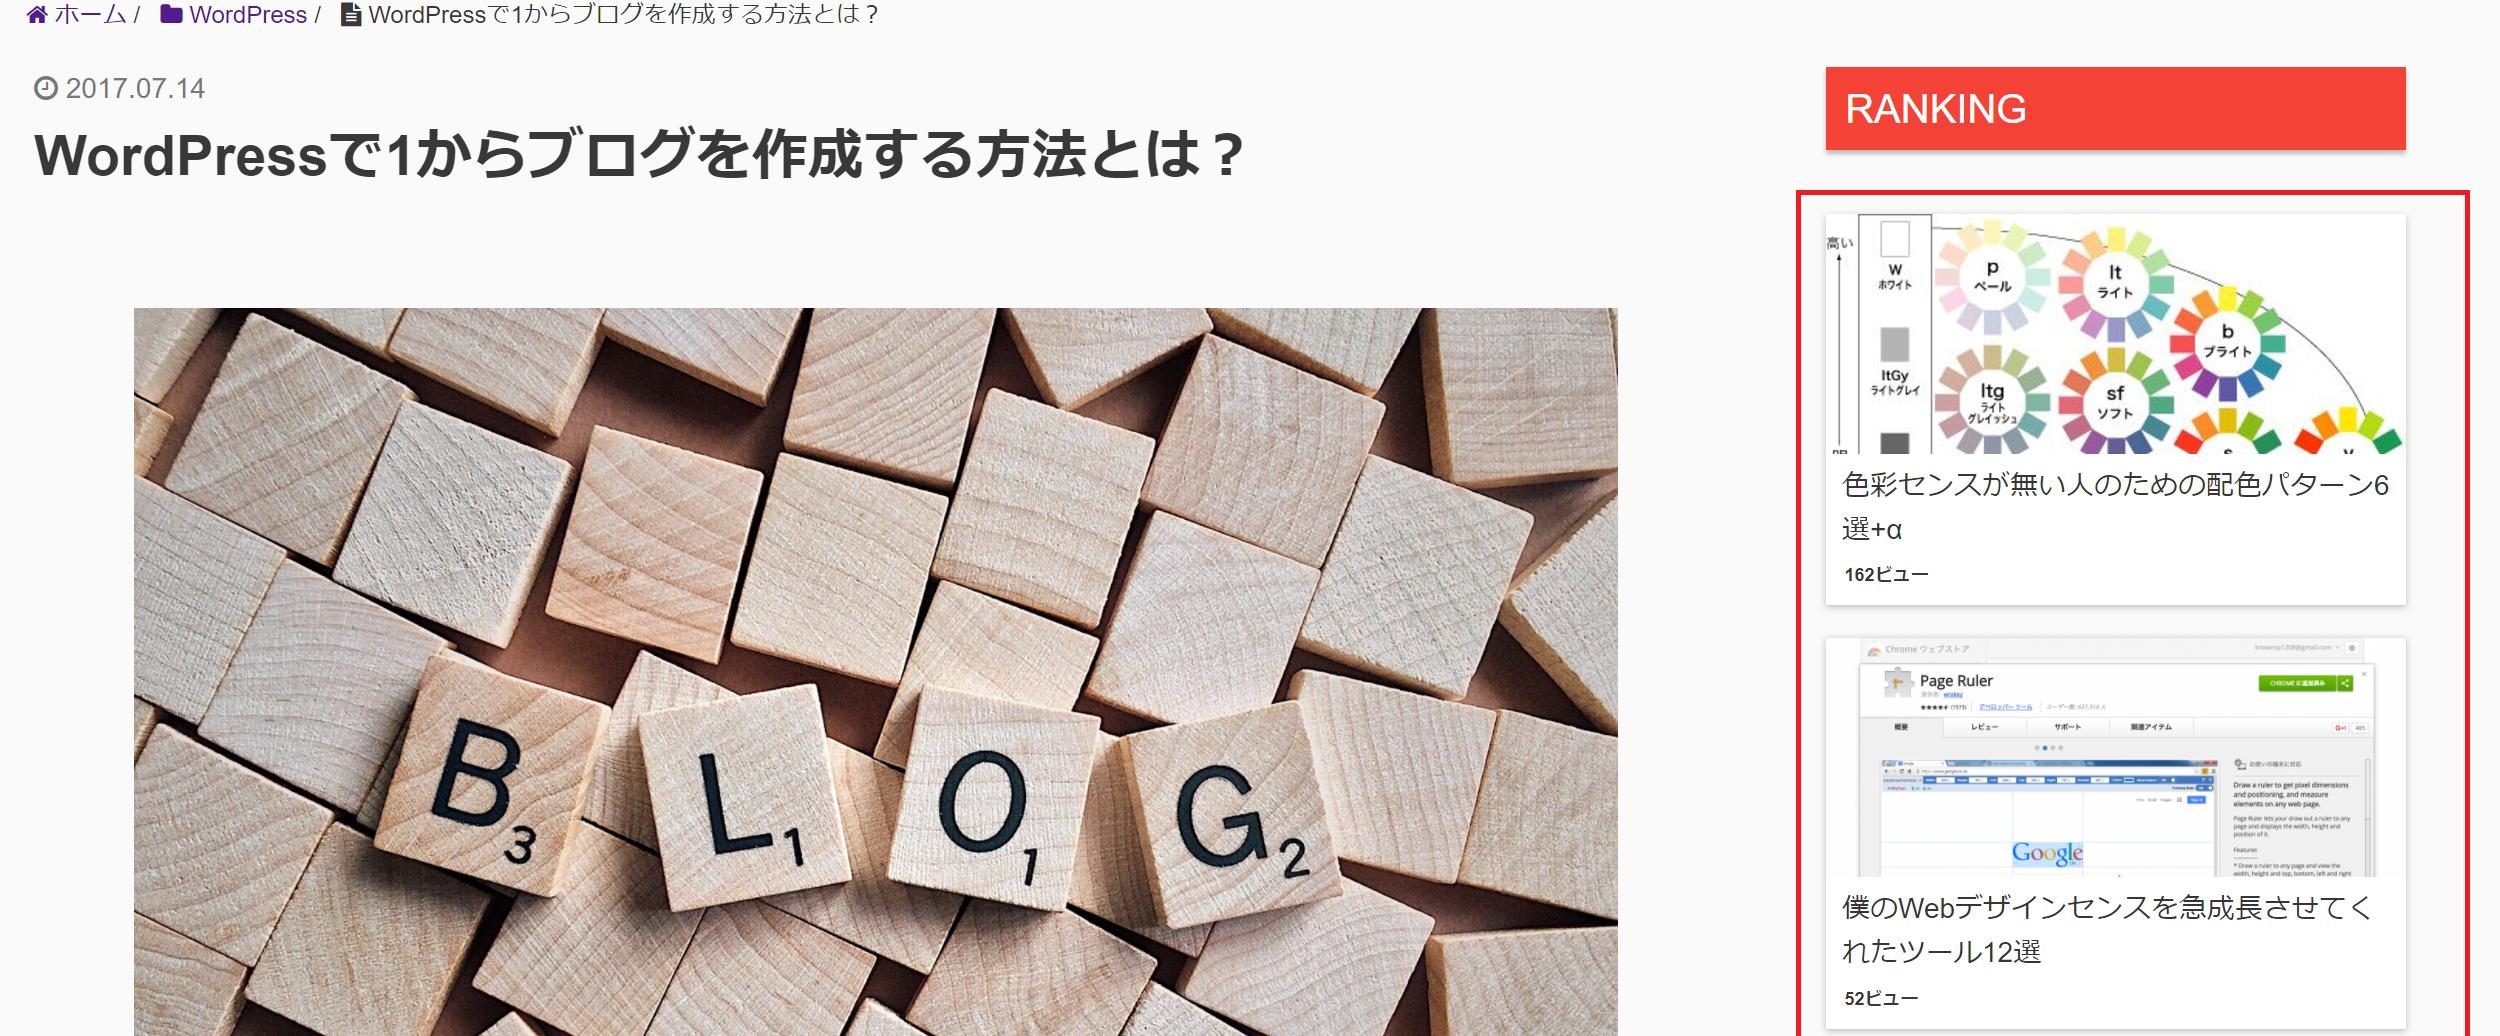 popular post - WordPress Popular Postsの設定・日本語化・カスタマイズ方法のまとめ